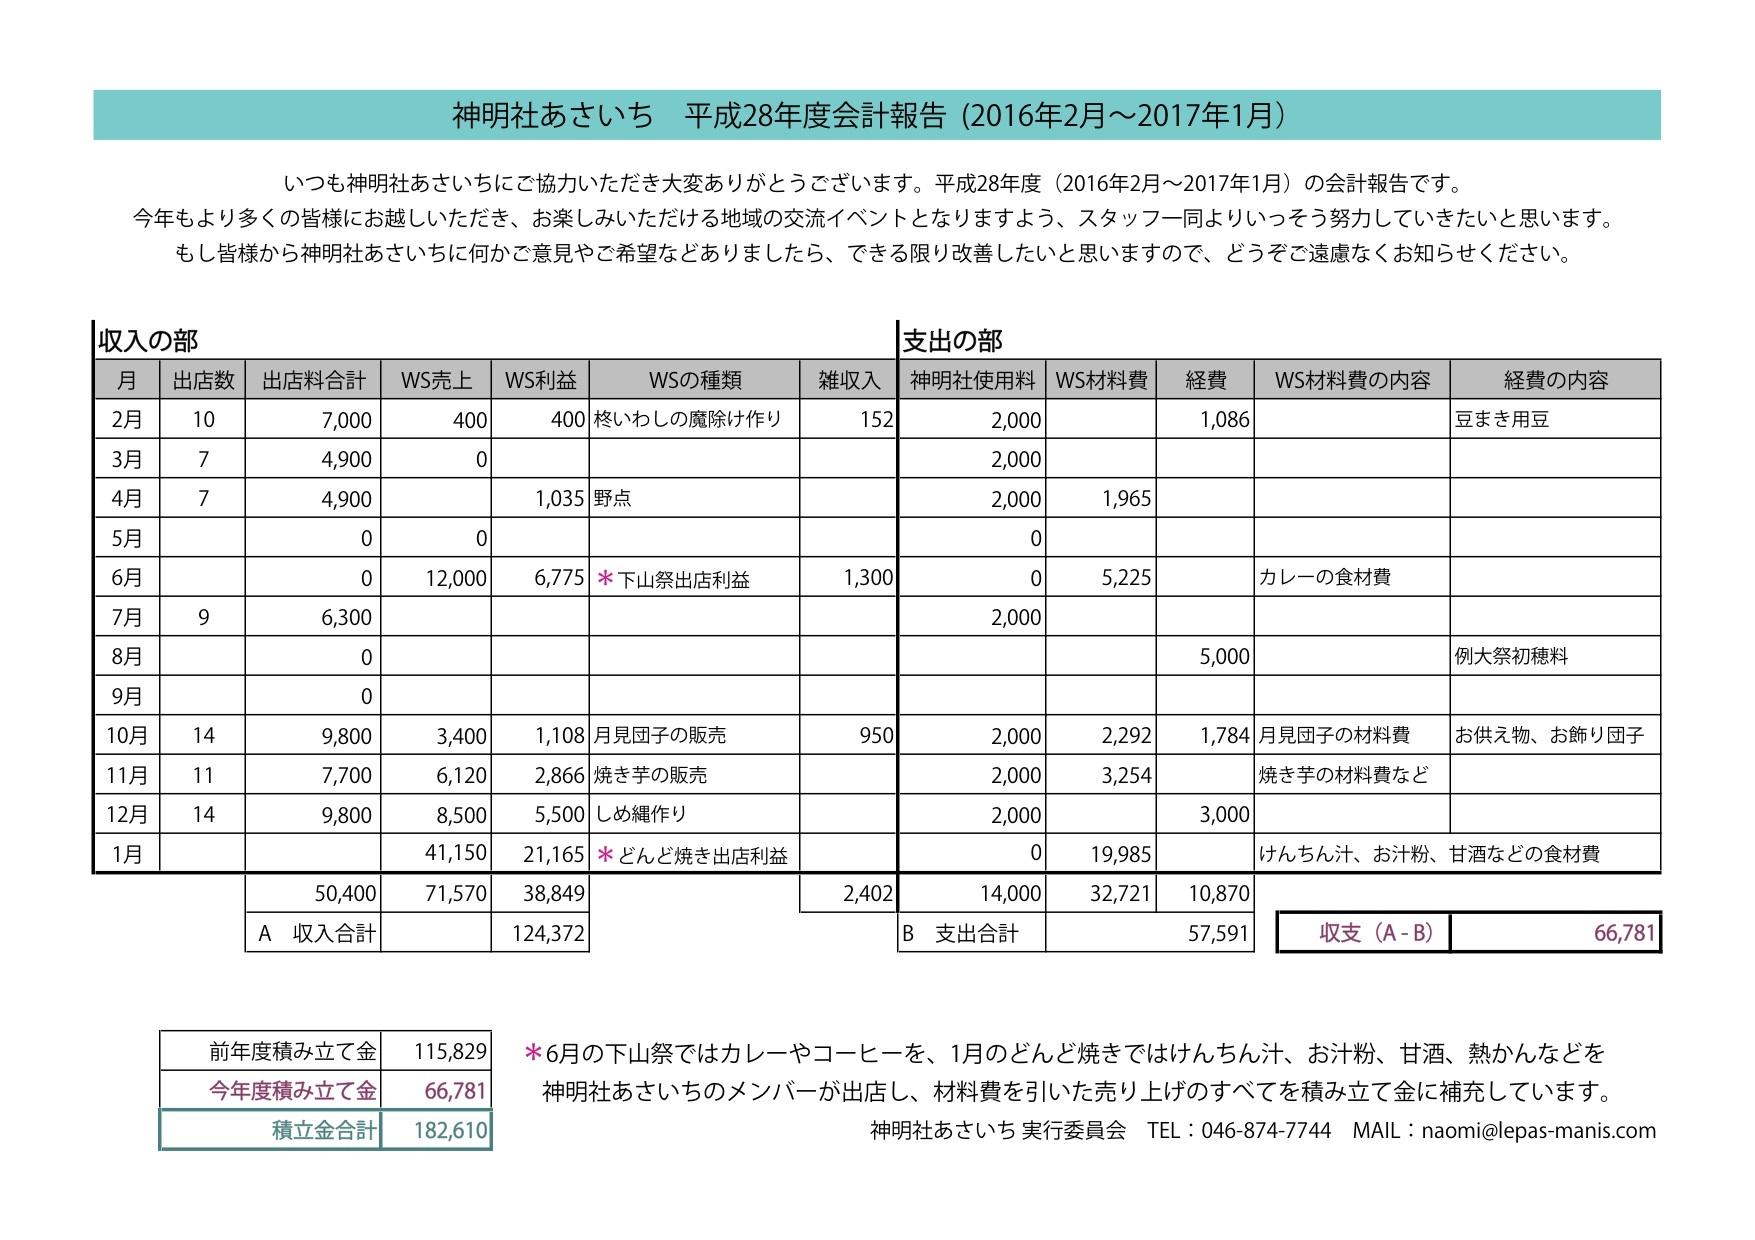 2016_会計報告